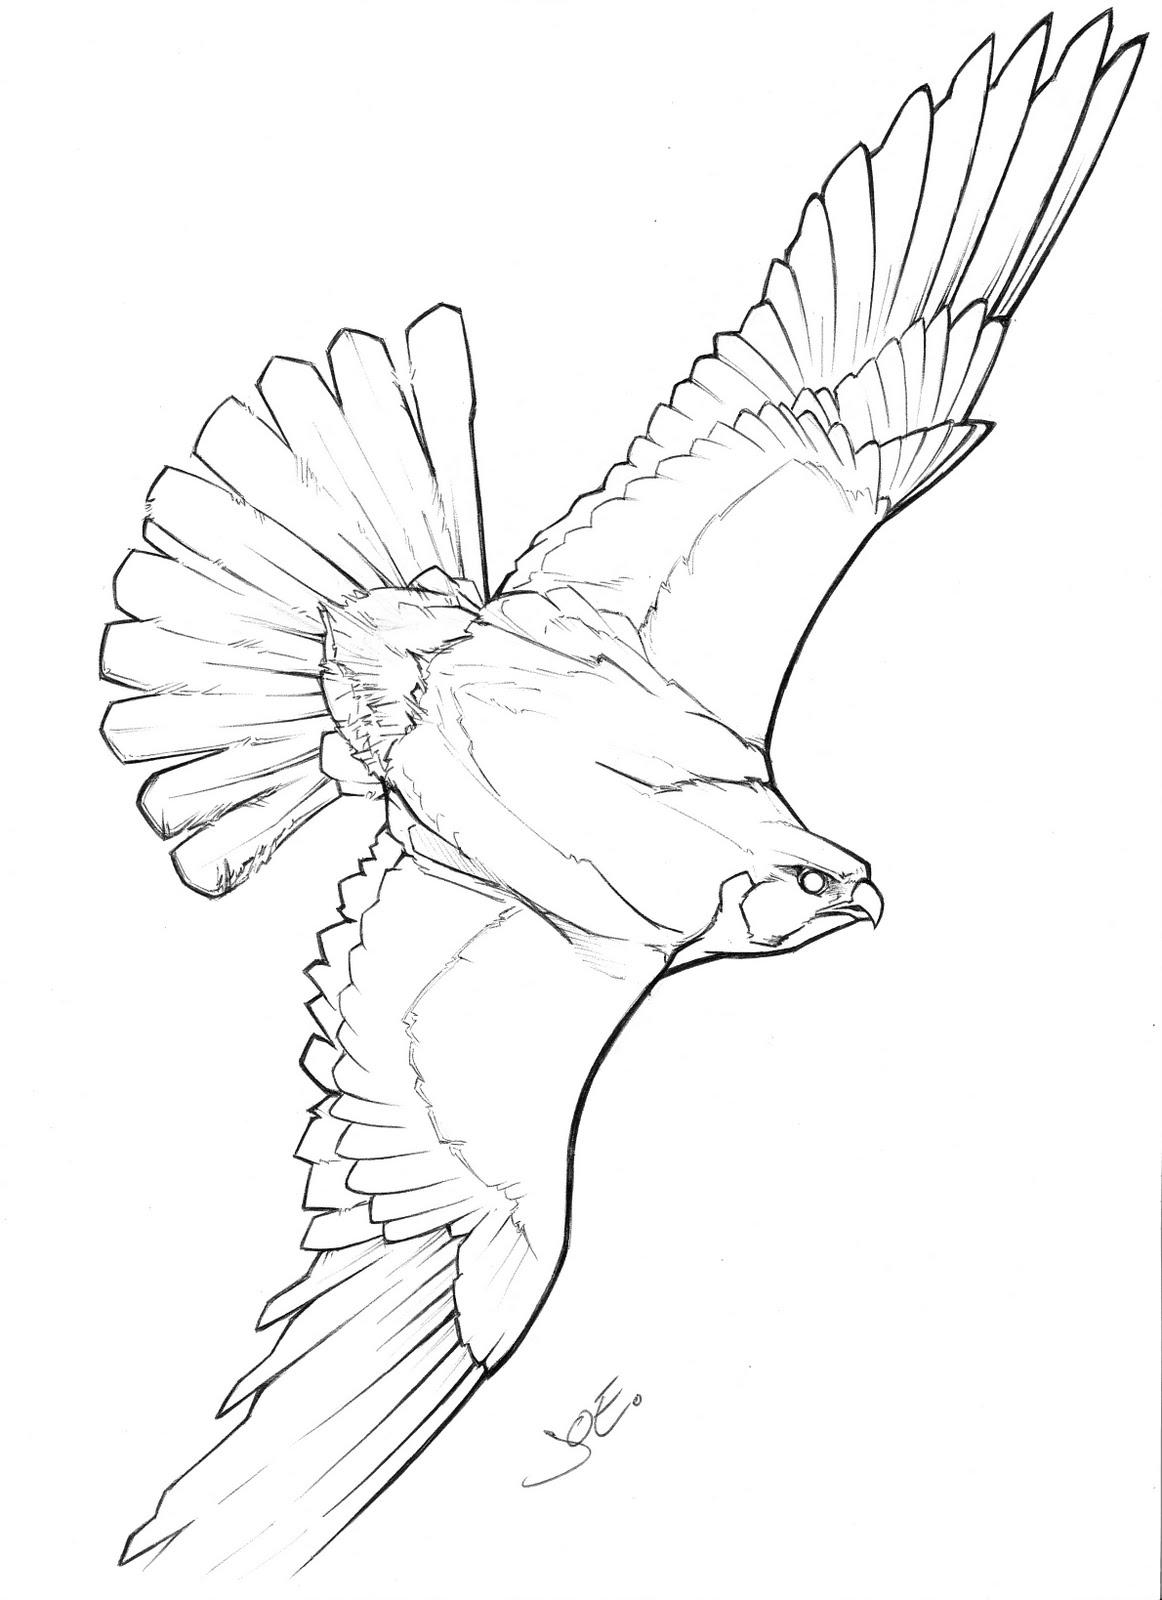 Falcon Bird Outline